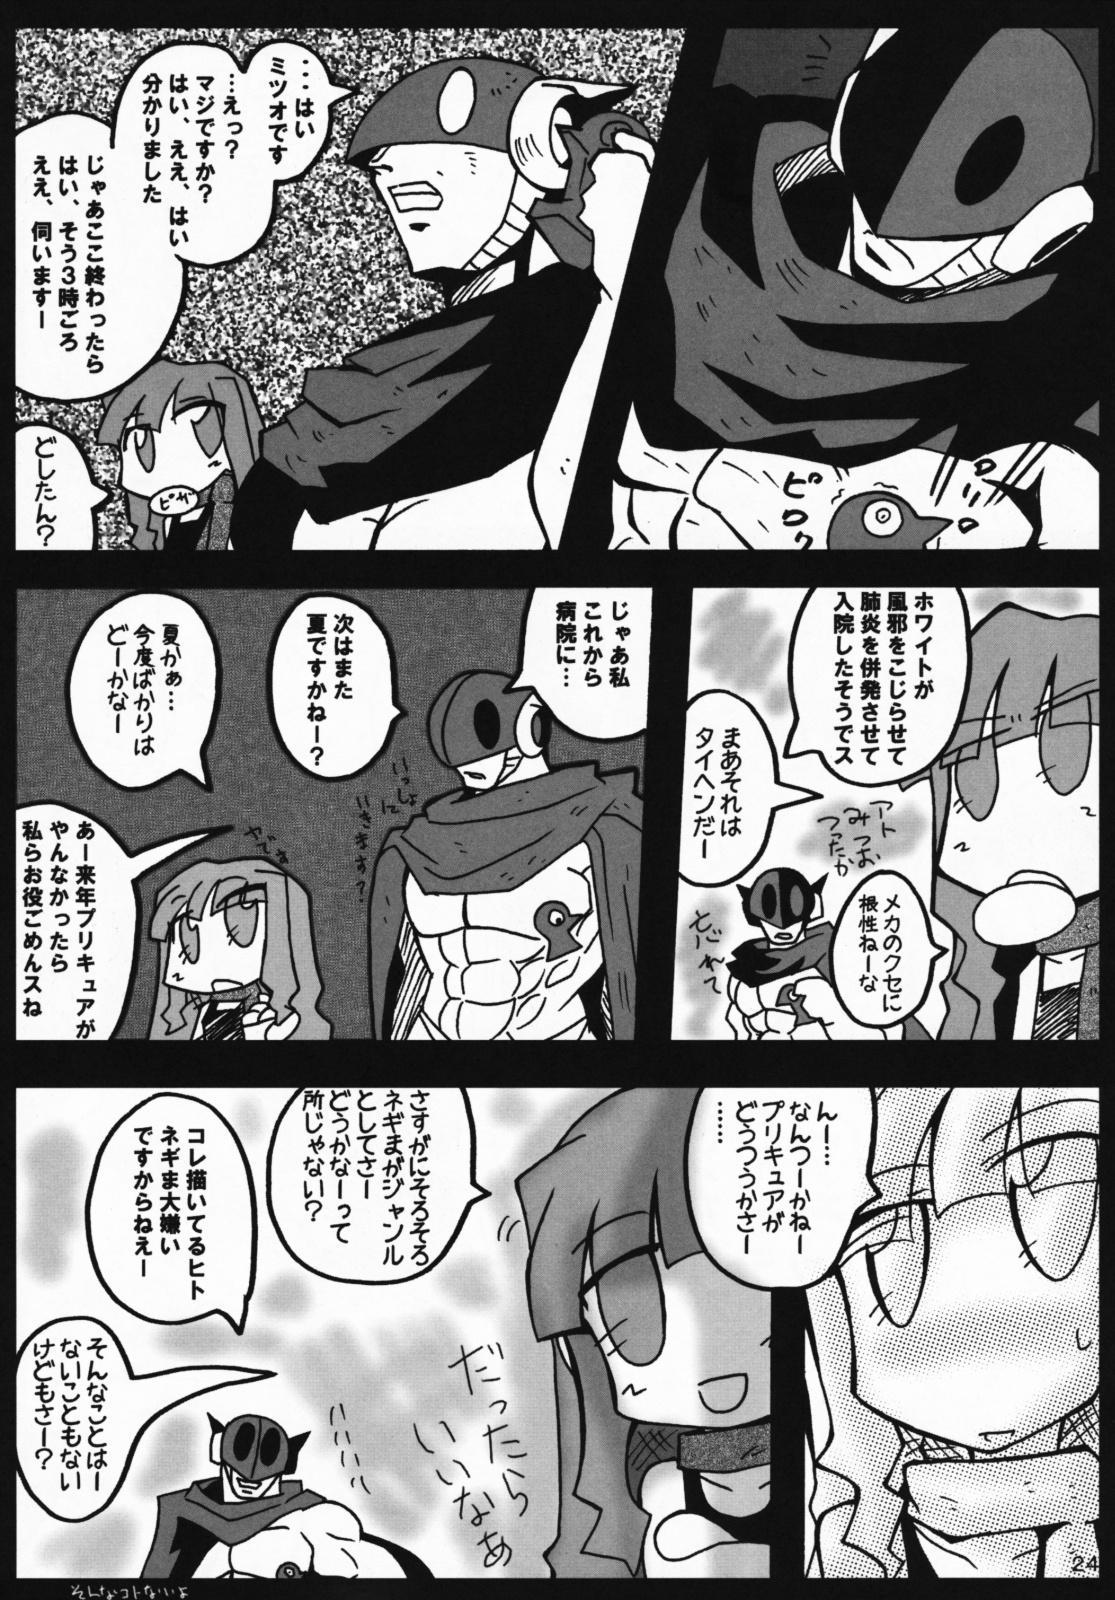 Ryoujoku Gakuen Negima! Poimono Vol.06 22